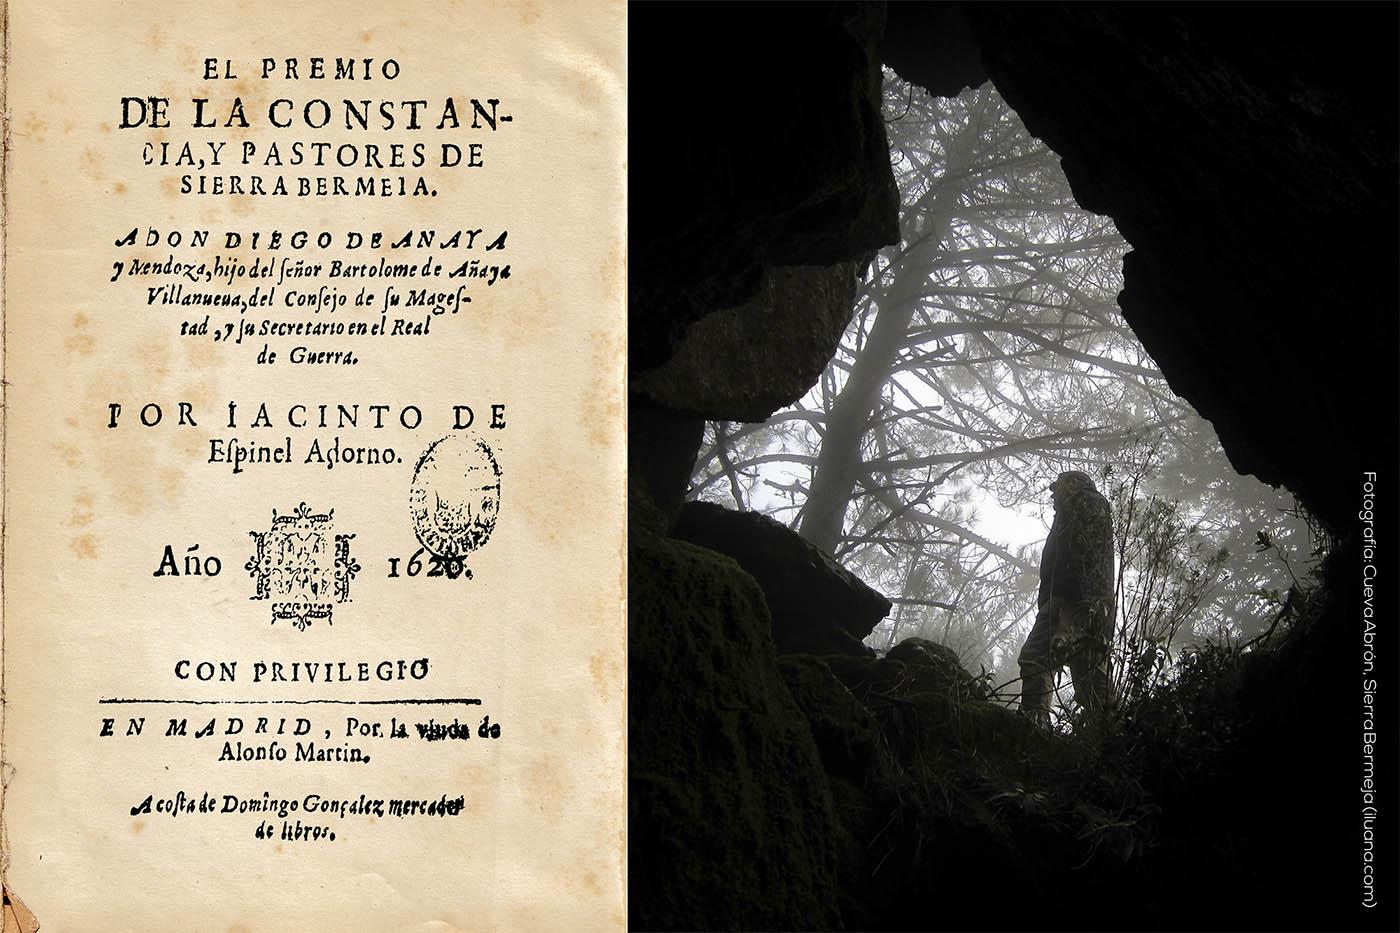 El premio de la constancia y pastores de Sierra Bermeja